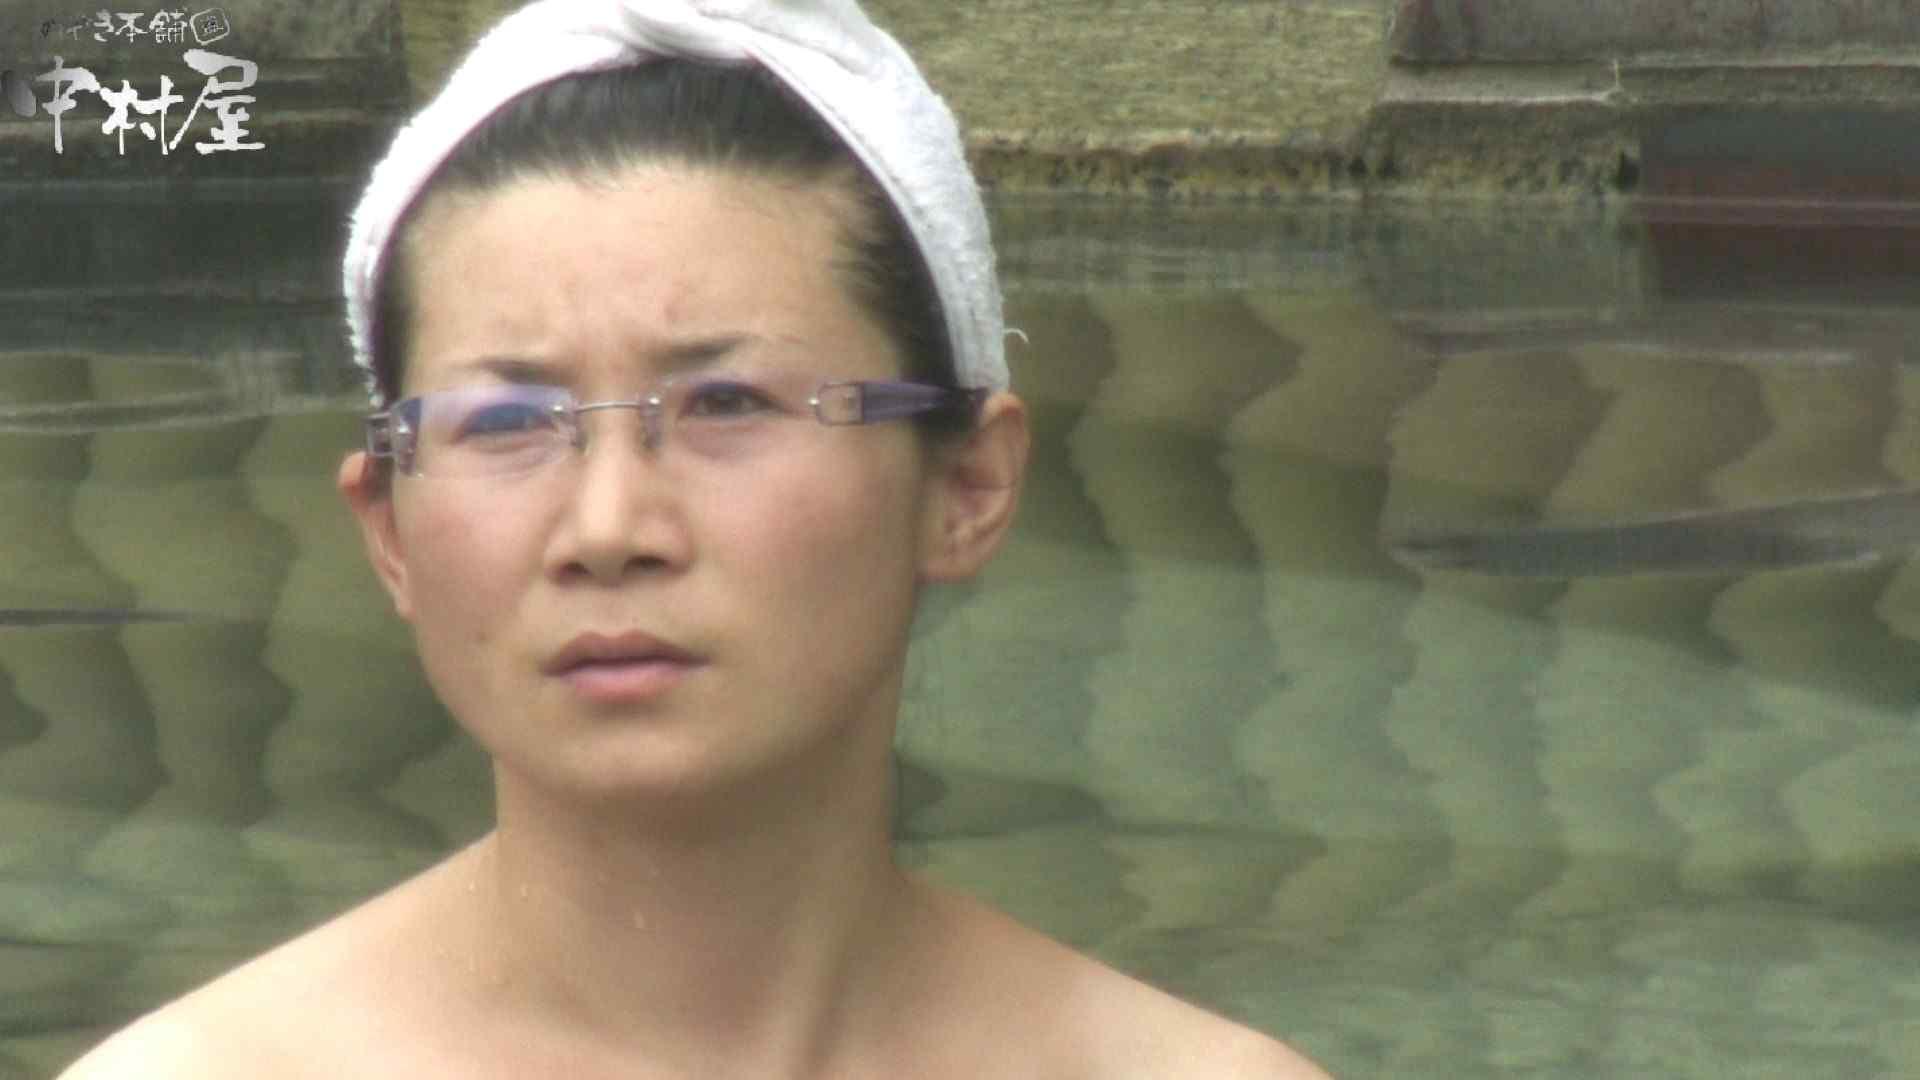 Aquaな露天風呂Vol.905 盗撮 セックス画像 71画像 29